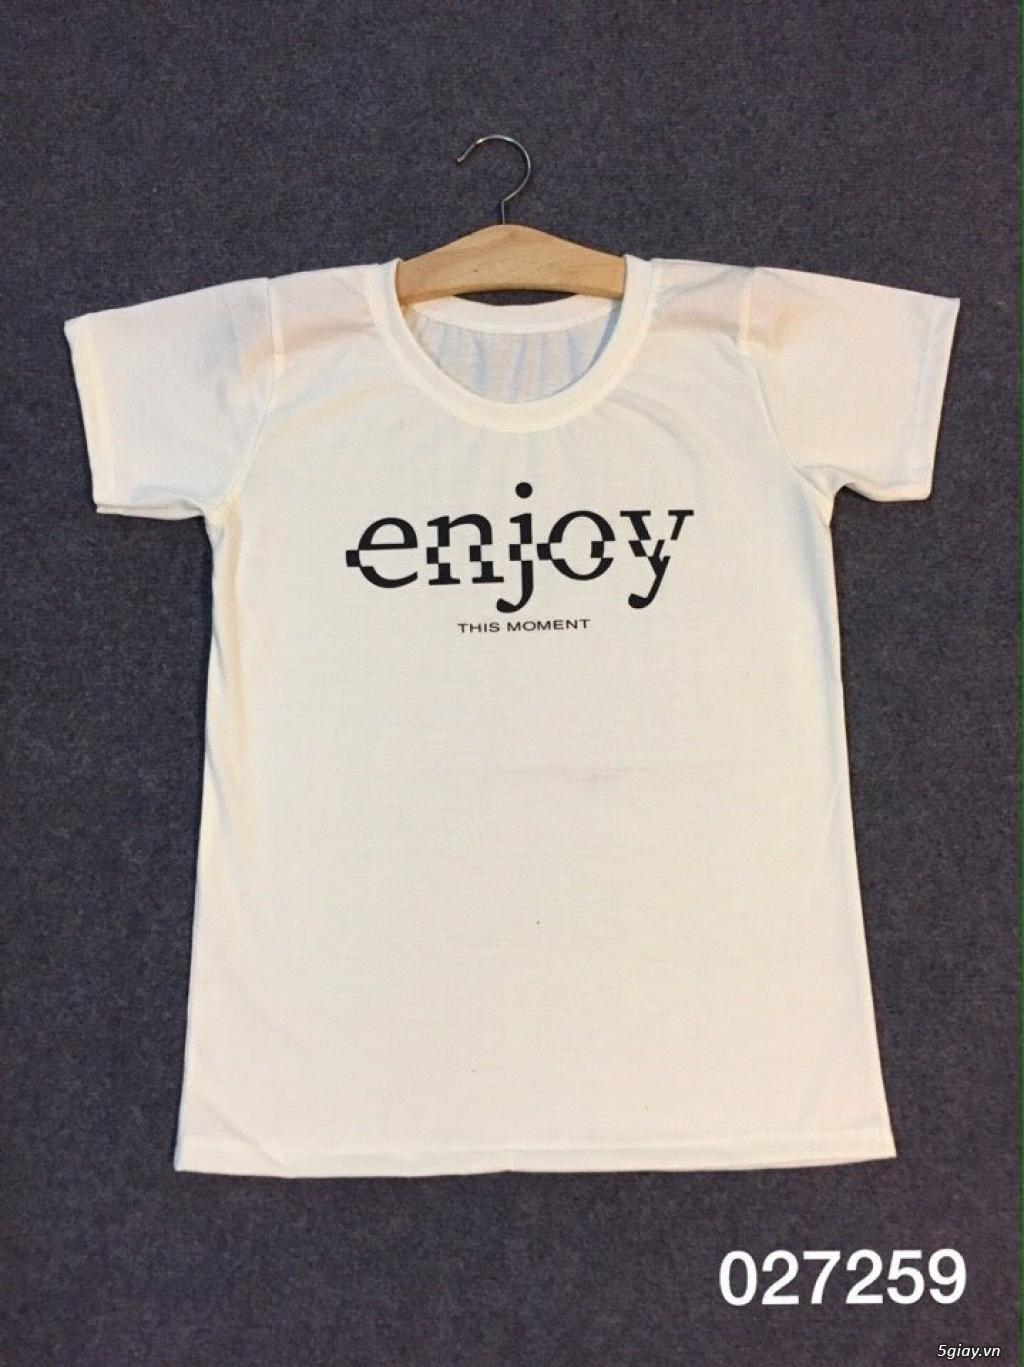 Bỏ sỉ áo thun mẹ & bé 10k - 15k - 20k giá rẻ, chất lượng tốt nhất  !!! - 25